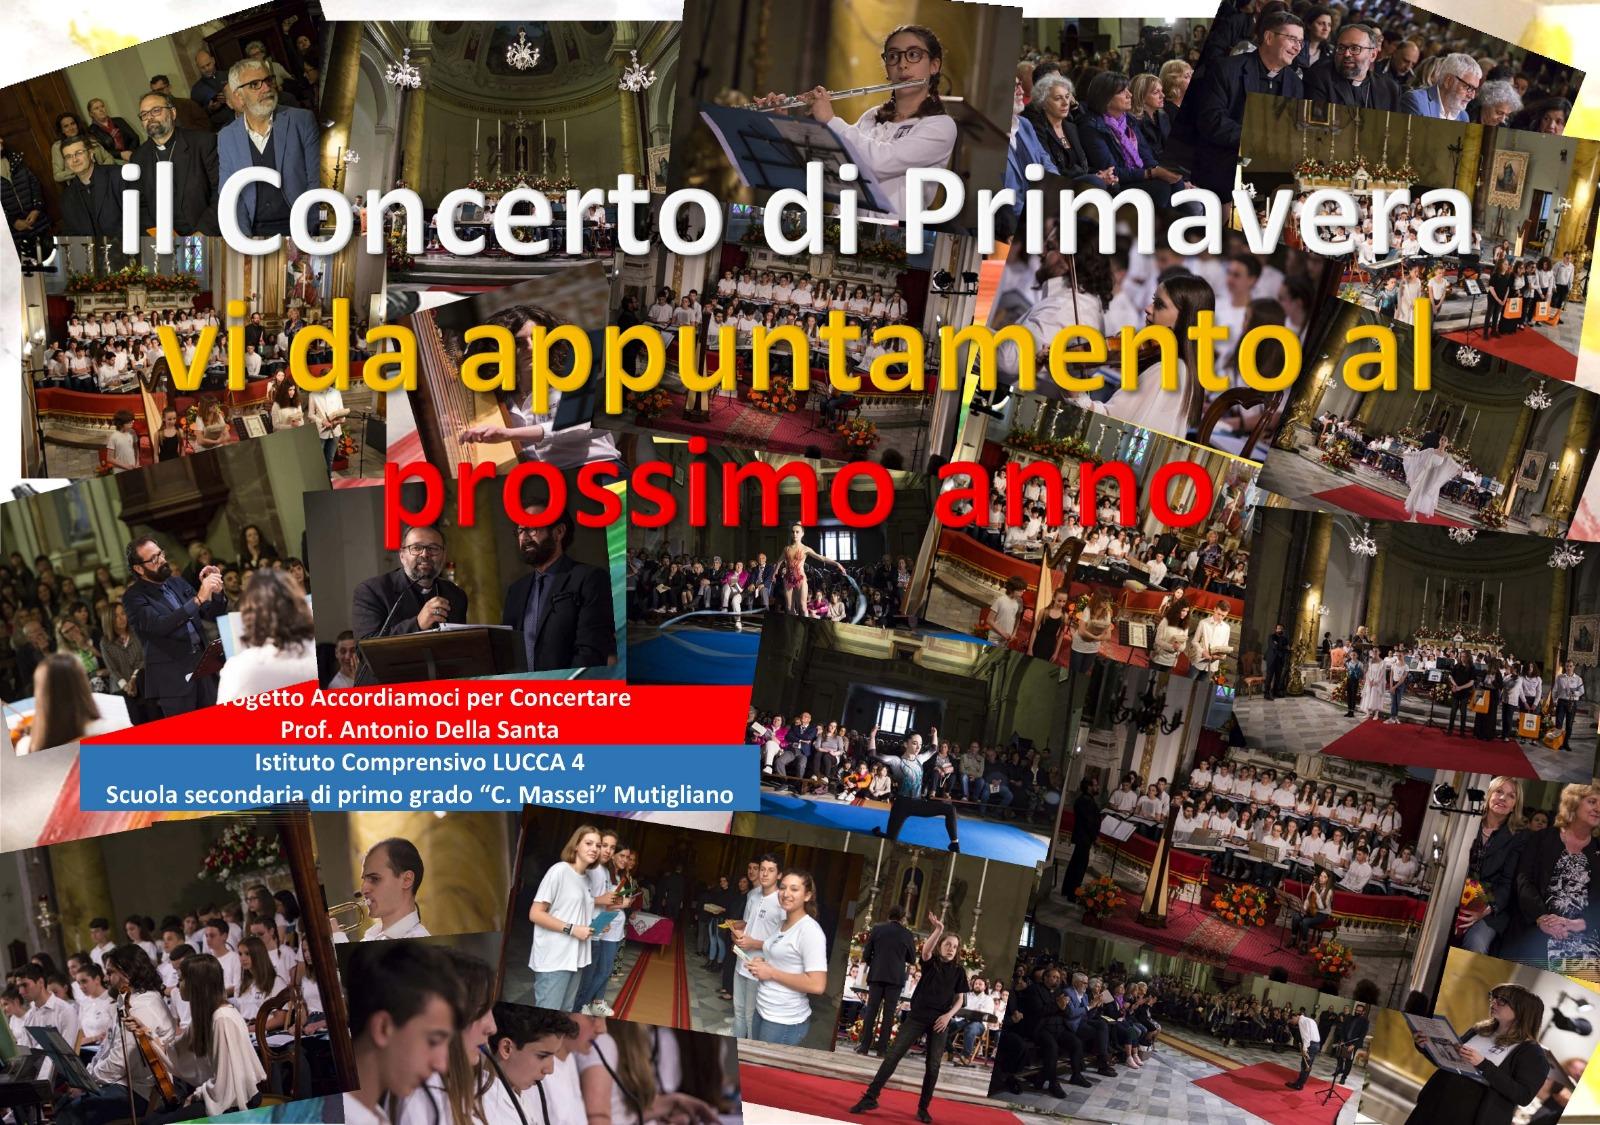 Concerto di primavera 2020